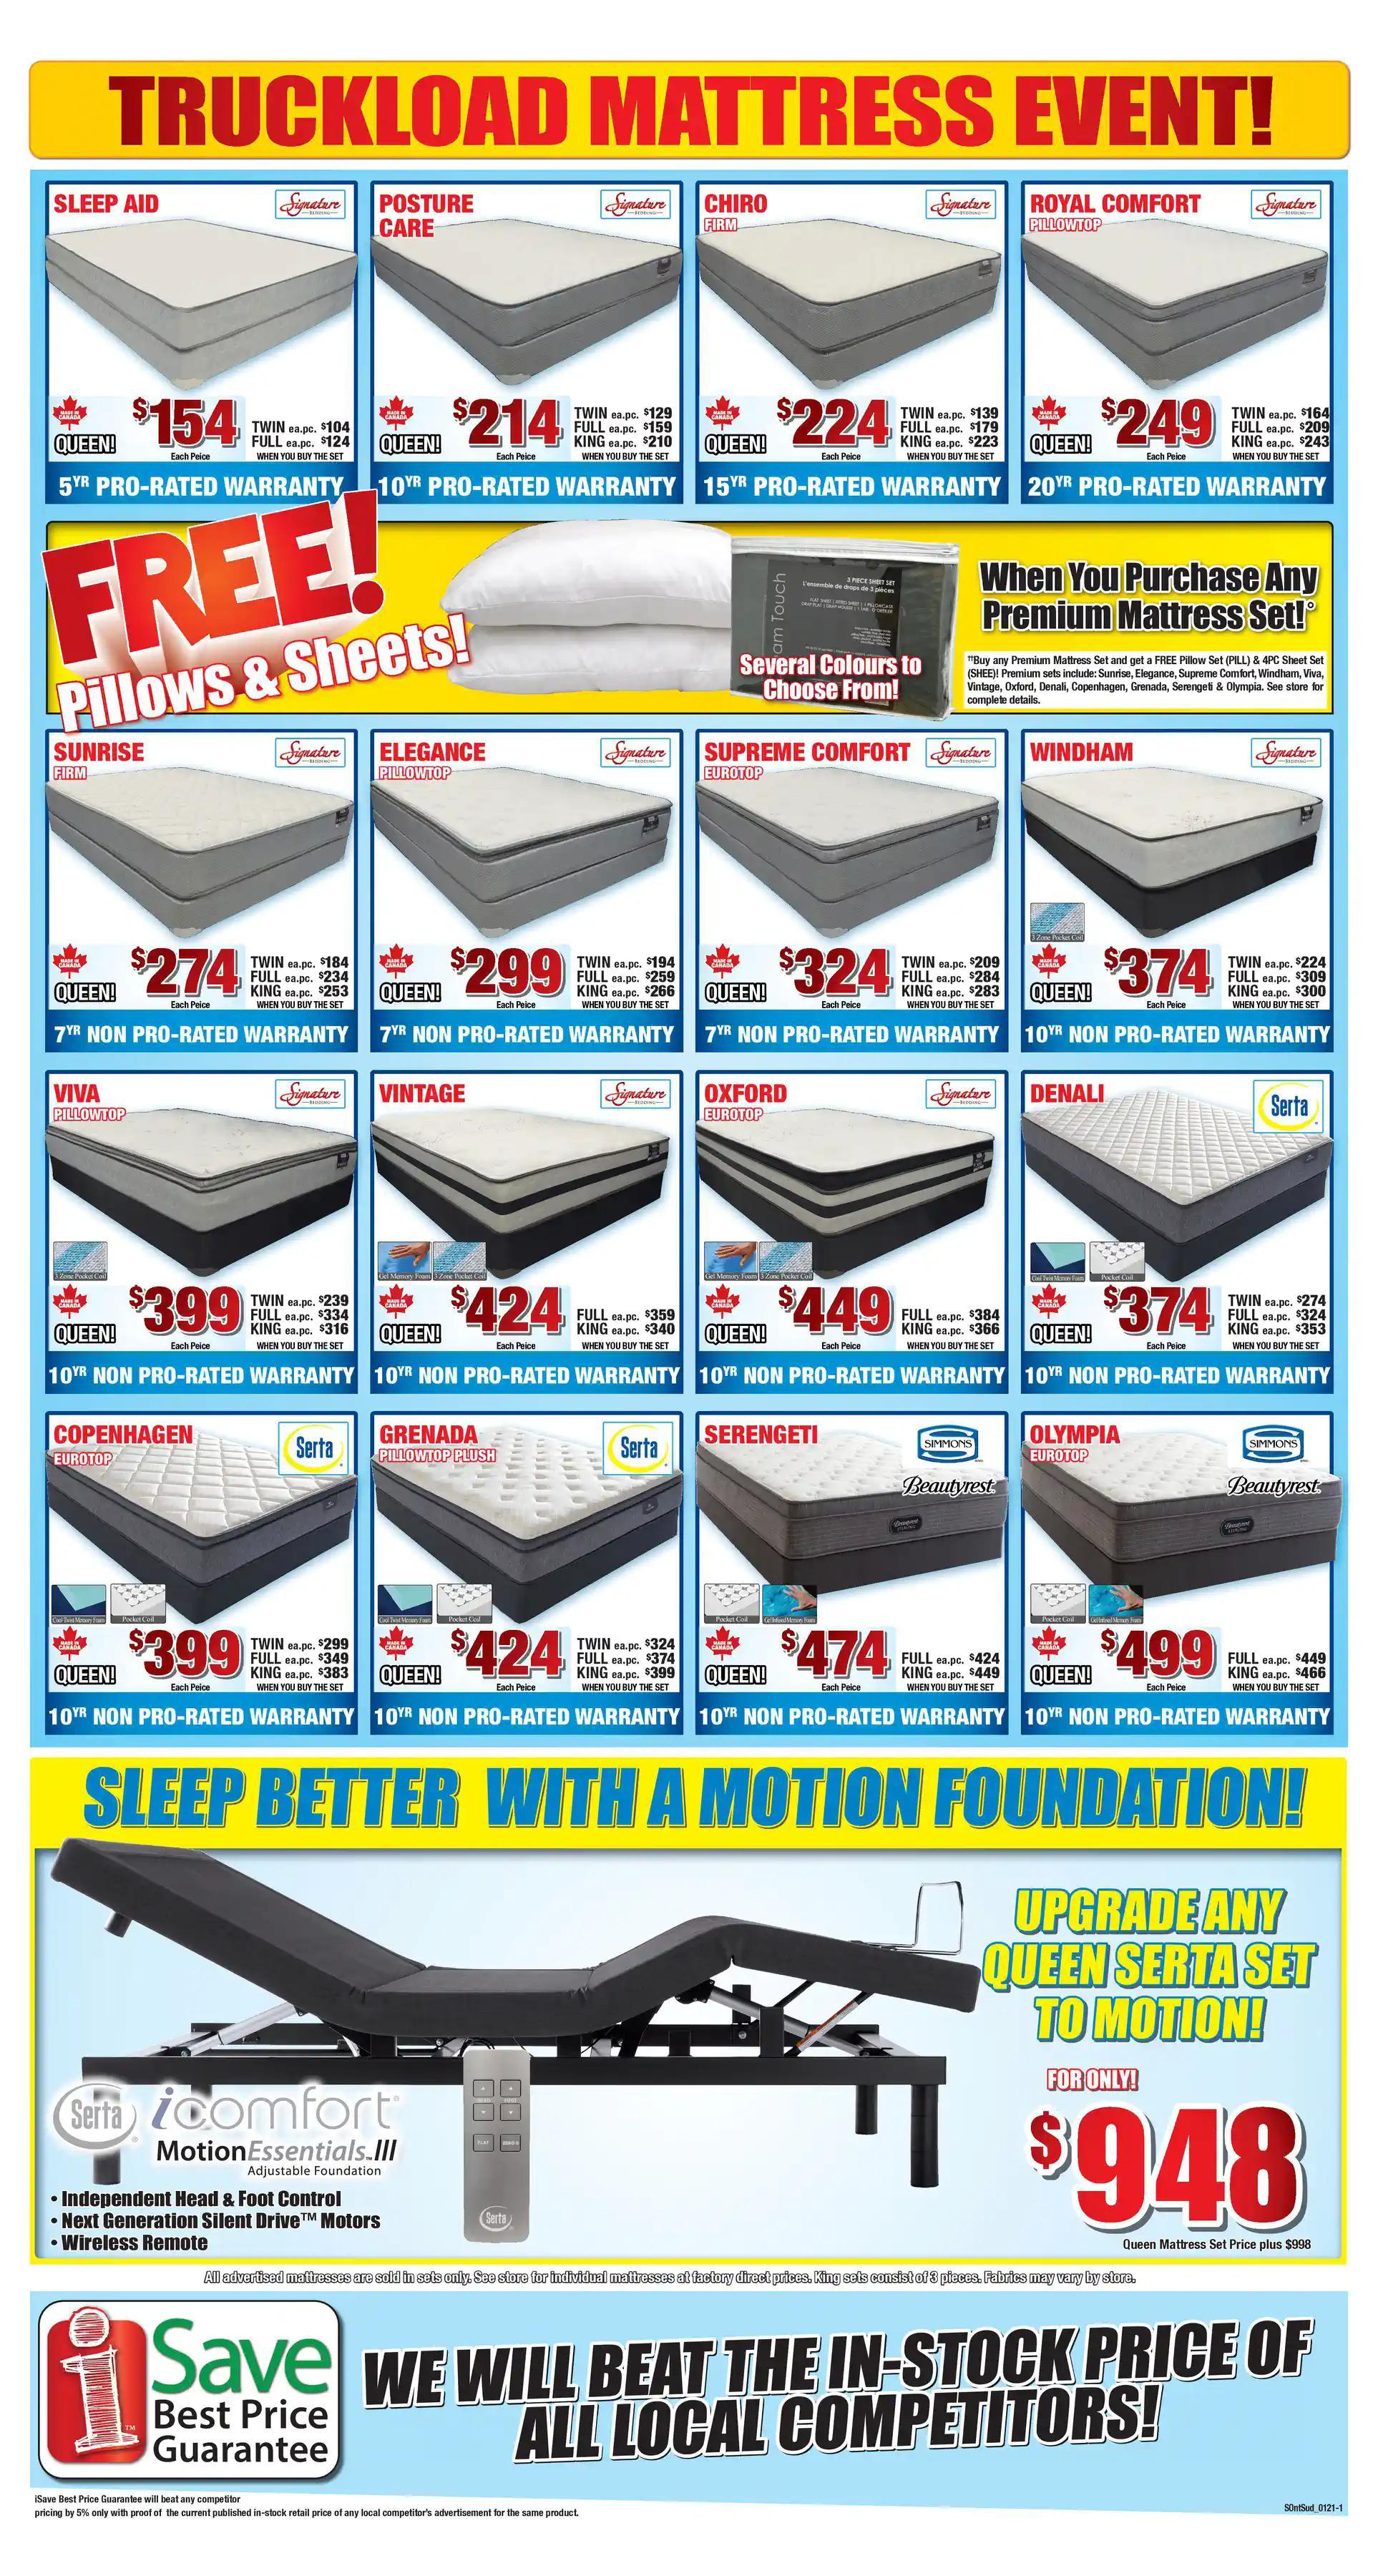 Surplus Furniture & Mattress Warehouse - 2 Weeks of Savings - Page 2